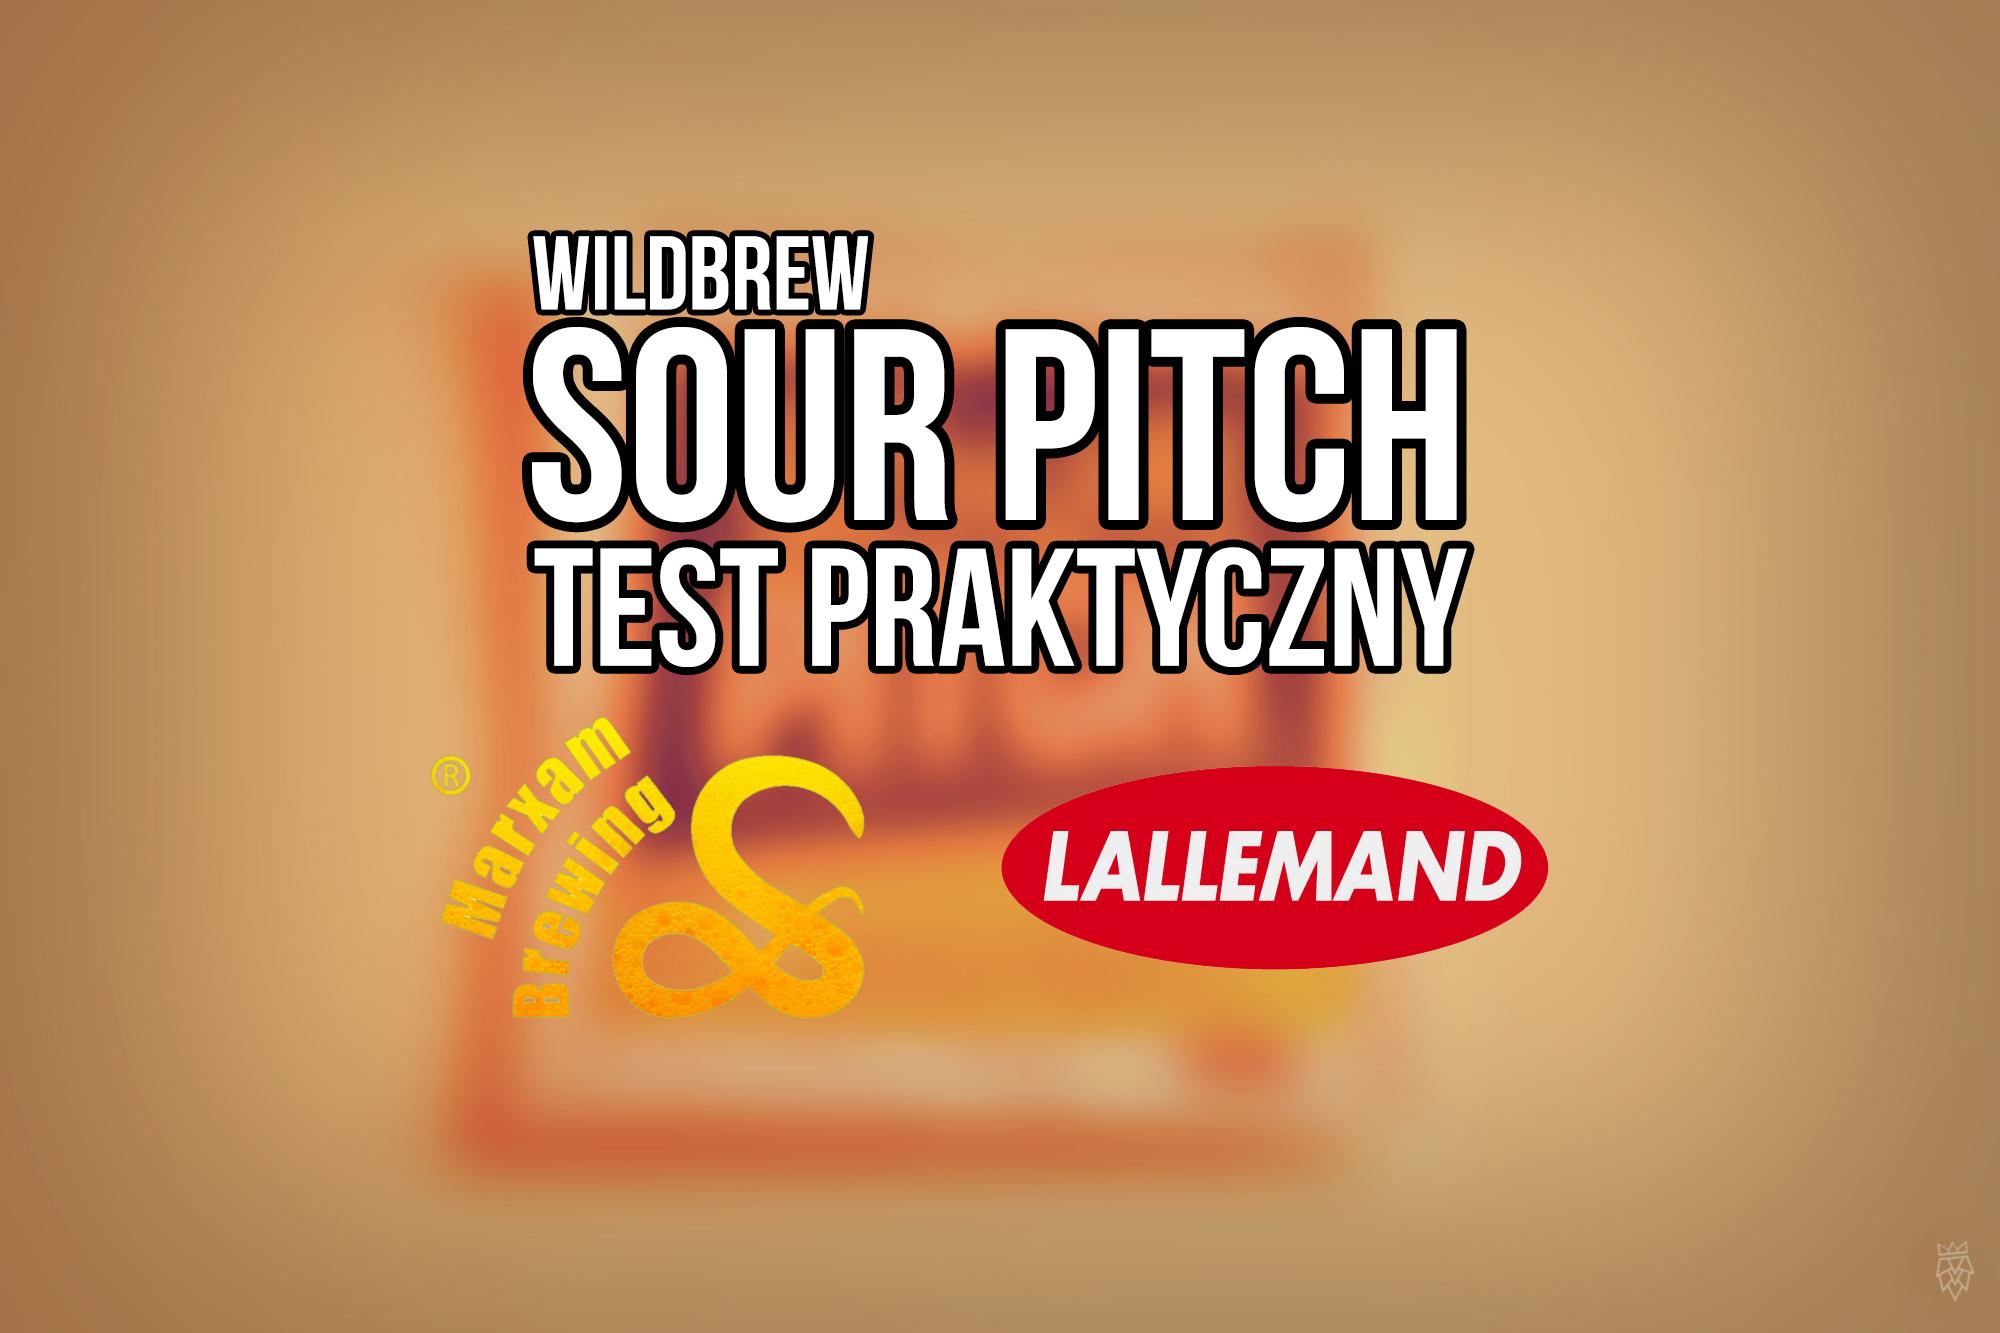 Wildbrew Sour Pitch